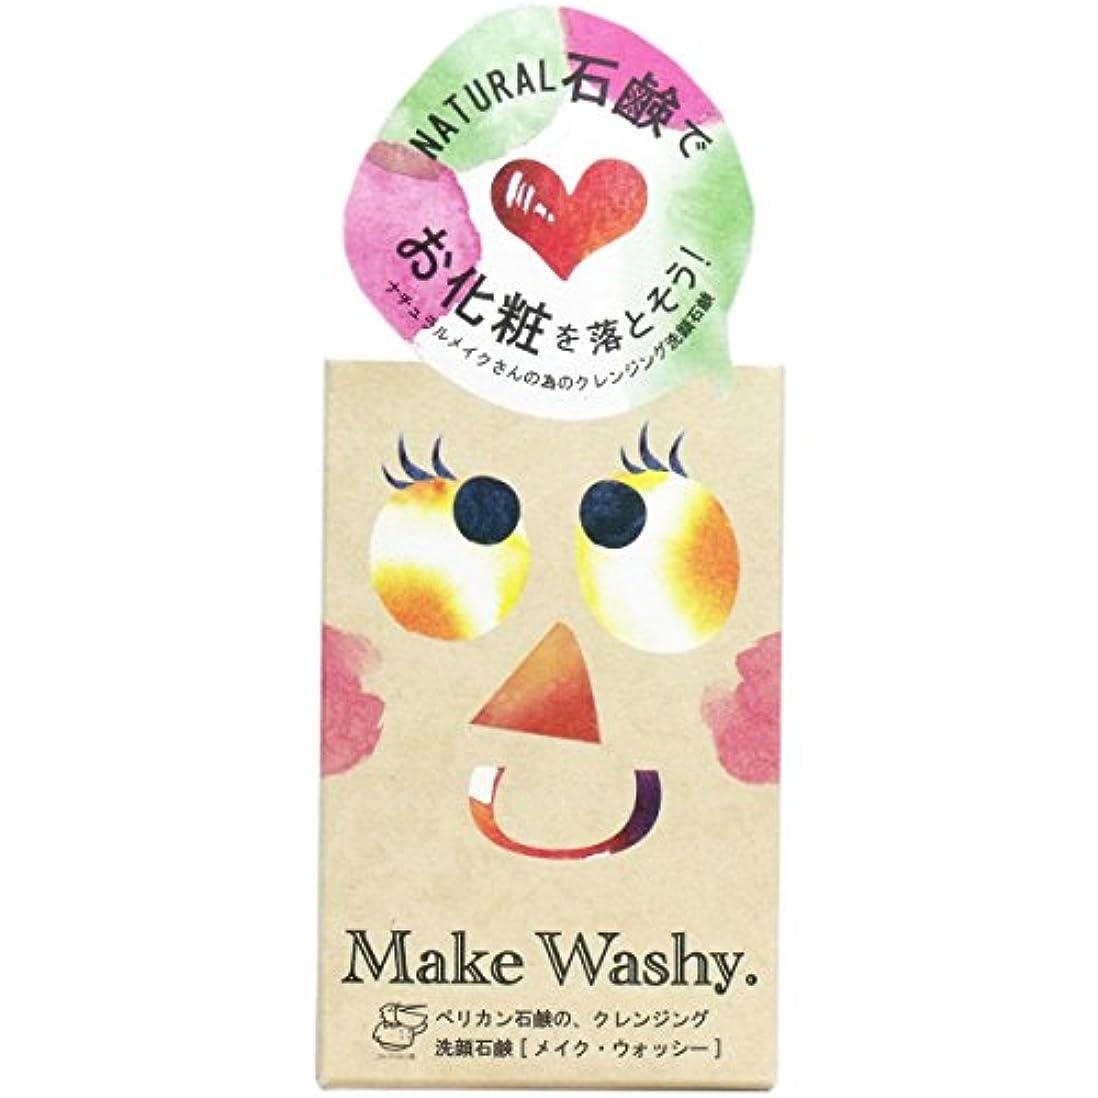 明らかに損なうマークメイクウォッシー 洗顔石鹸 × 10個セット